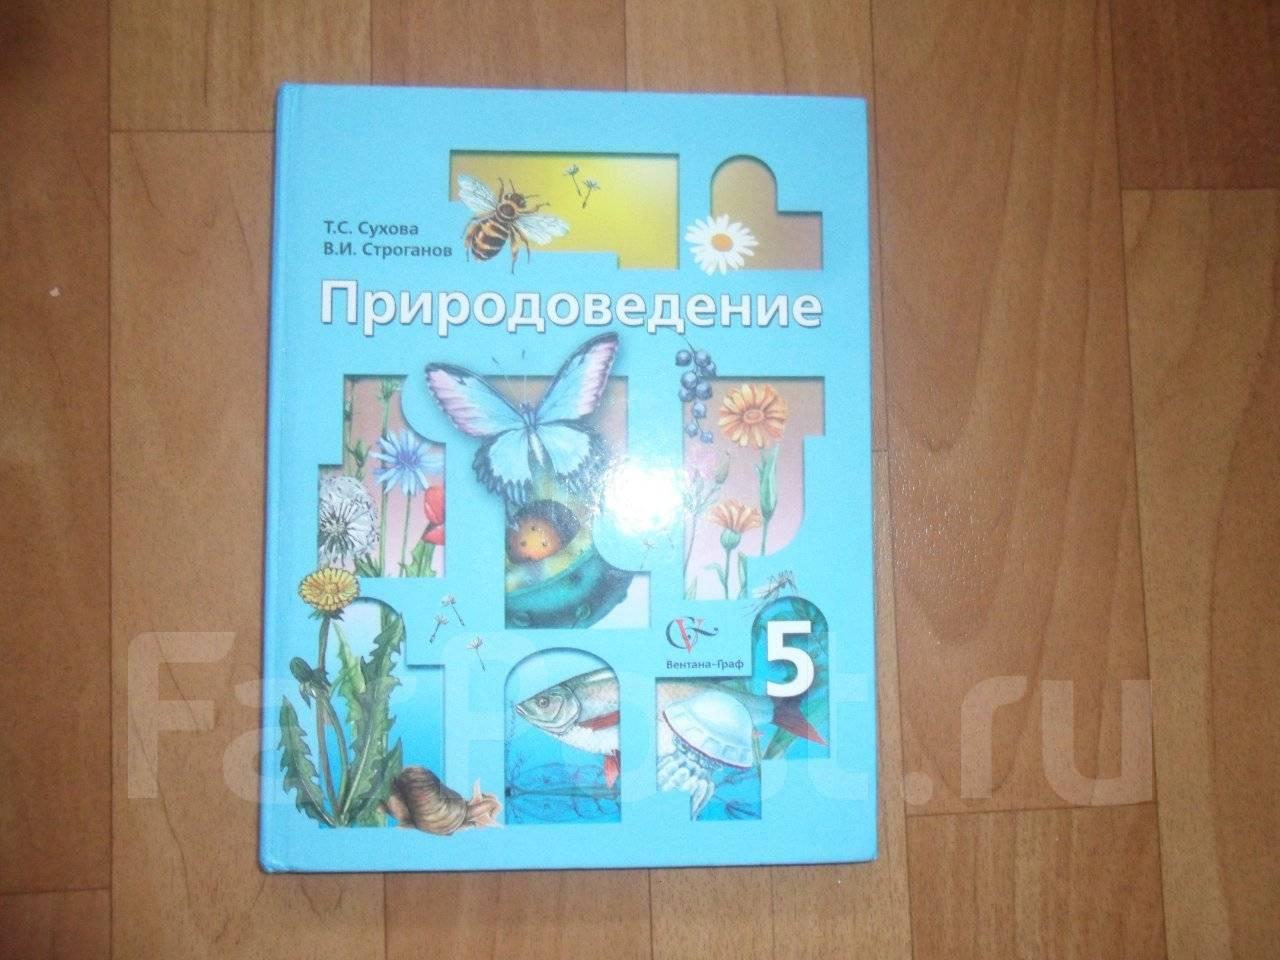 гдз по истории московской области 8 класс сухов